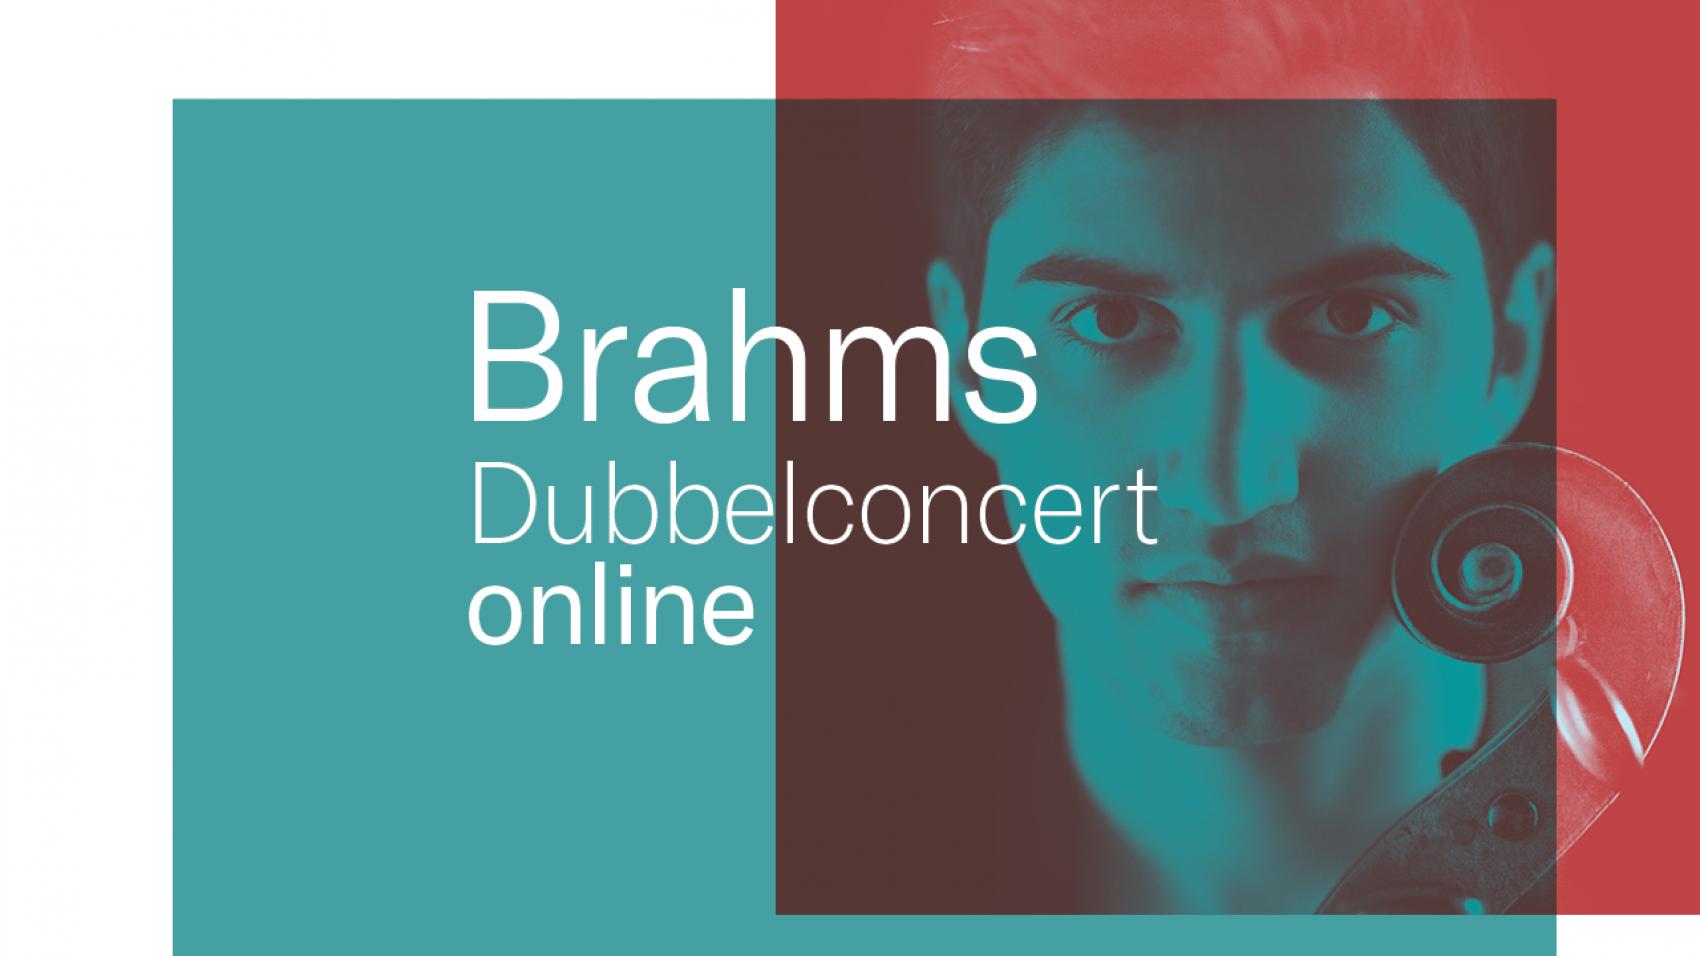 Dubbelconcert van Brahms